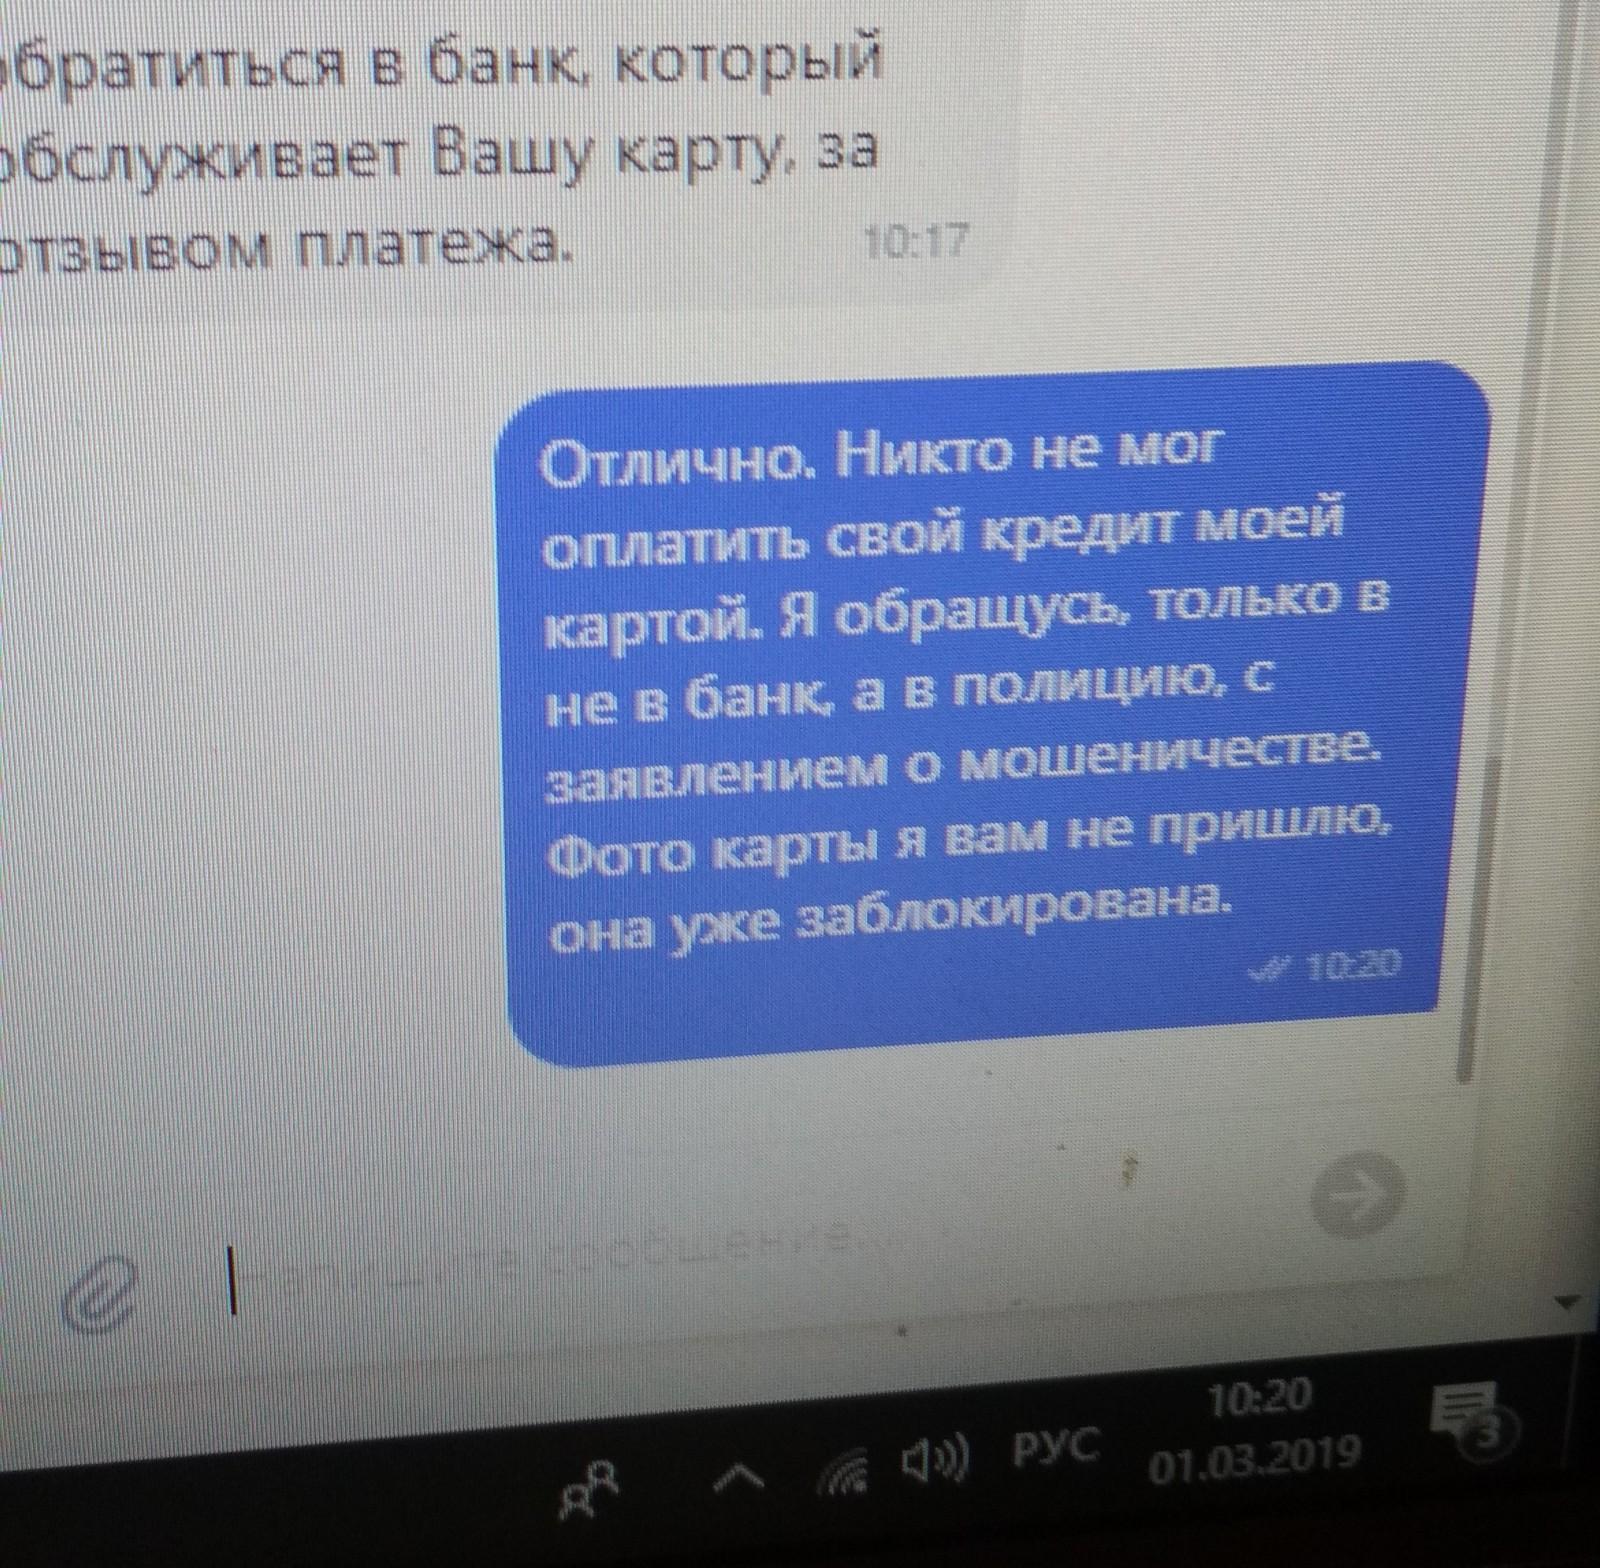 Русфинанс банк расчет кредита